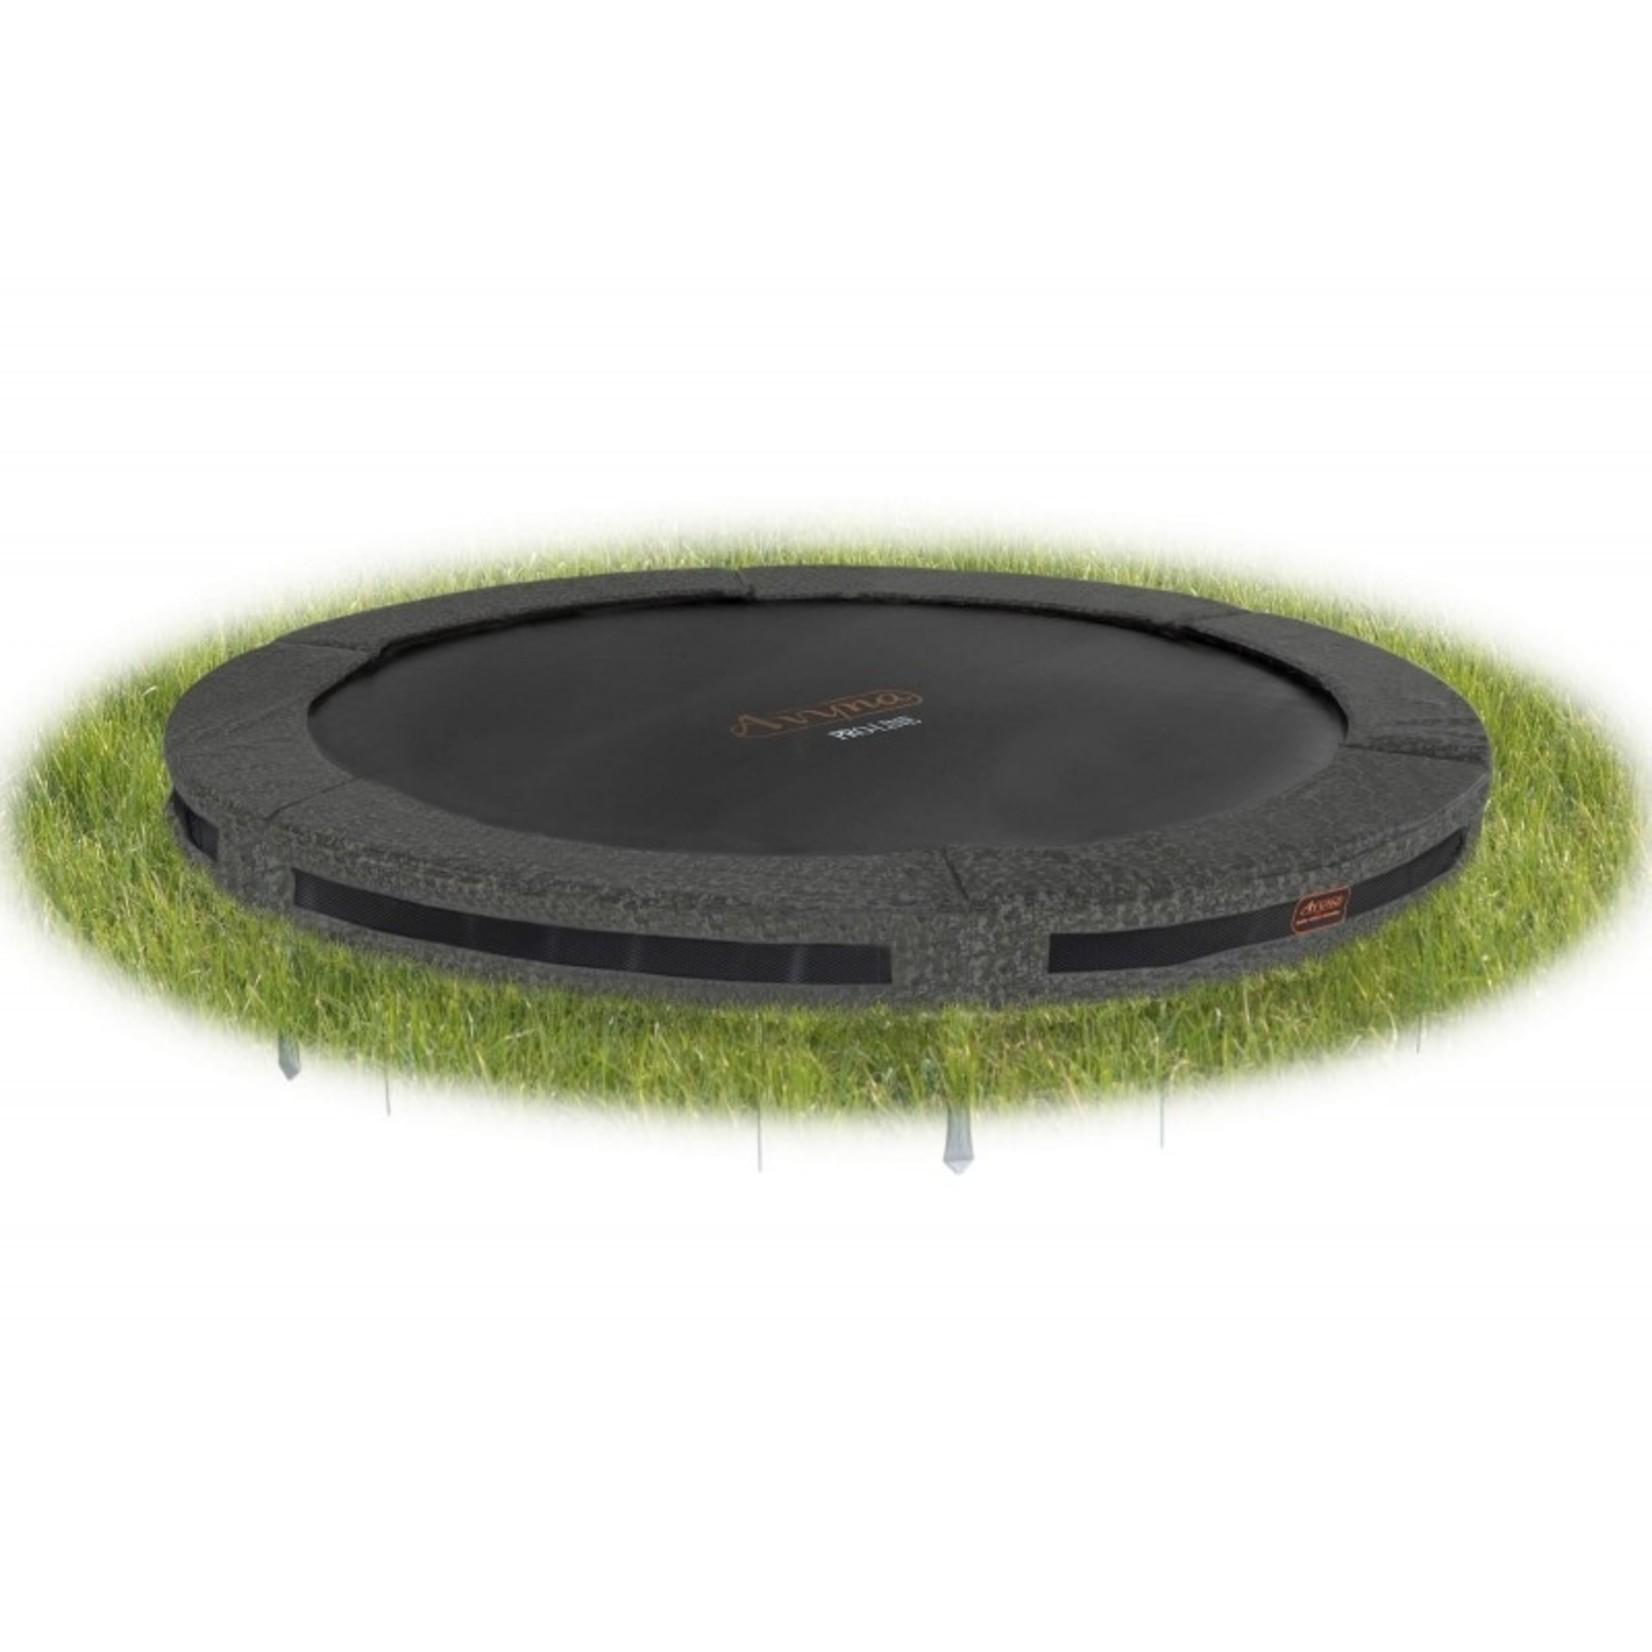 De ideale ronde trampoline voor in de grond, Inground : de Avyna Pro-Line van Ø 365 cm